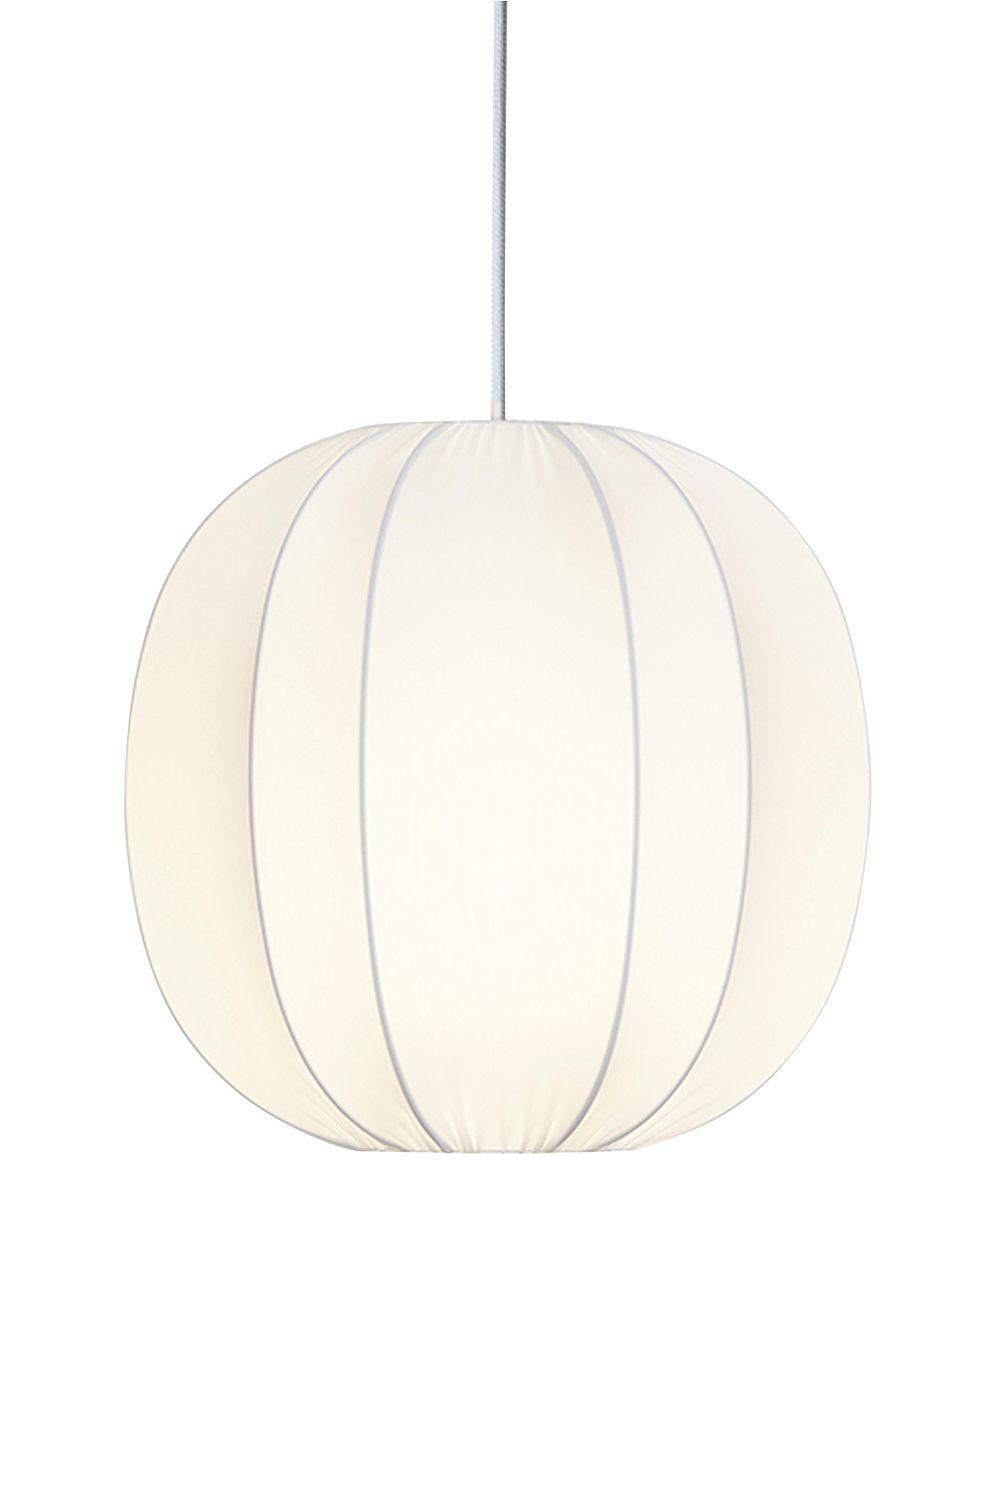 Herstal Pendel Neo D450 Hvid Belysning Homeroom Dk I 2020 Pendel Lamper Lampe